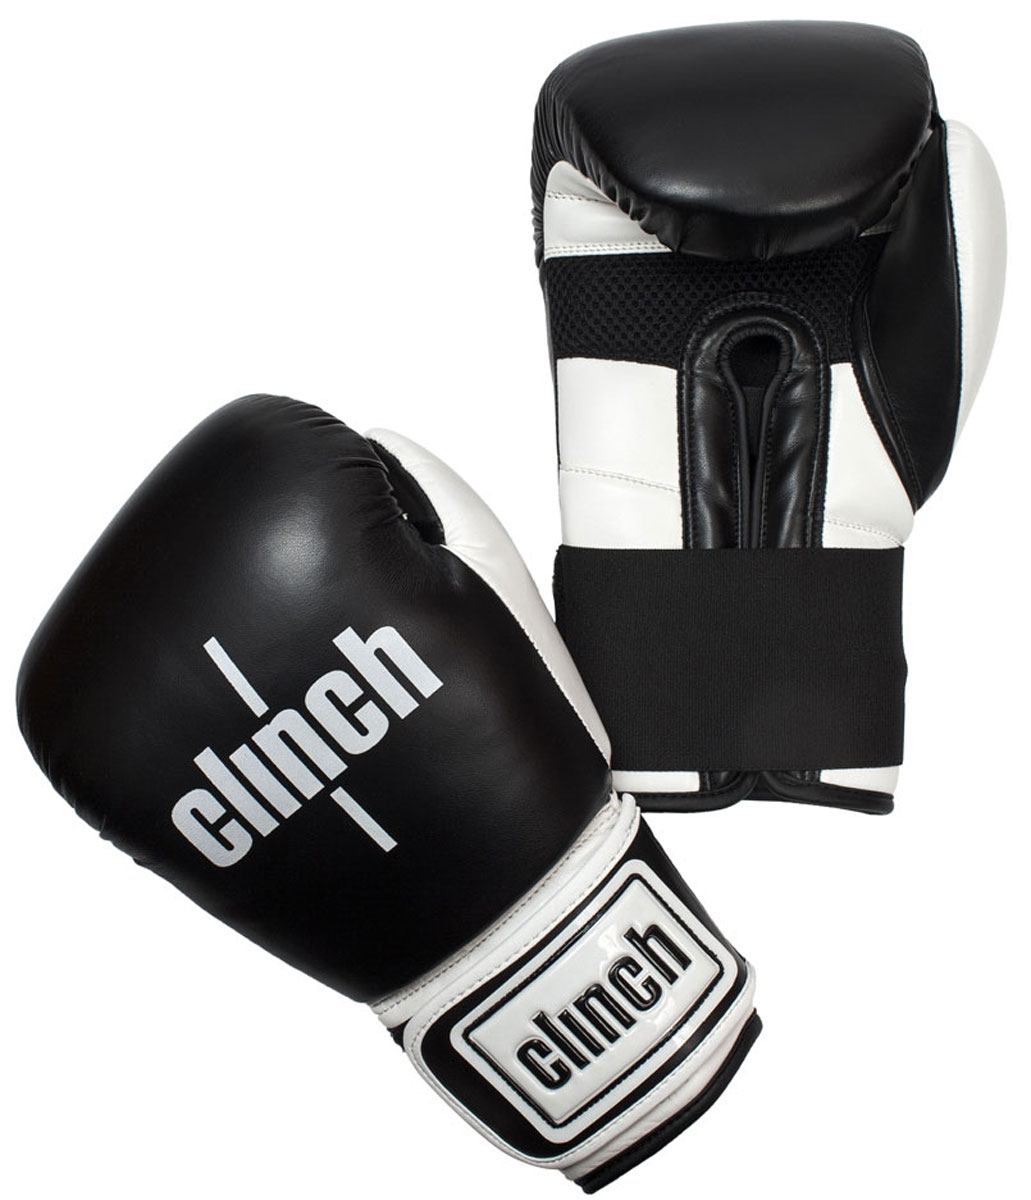 Перчатки боксерские Clinch Punch, цвет: черно-белый, 16 унций. C131AIRWHEEL Q3-340WH-BLACKБоксерские перчатки Punch. Изготовлены из высококачественного, прочного эластичного полиуретана. Многослойный пенный наполнитель обеспечивает улучшенную анатомическую посадку, комфорт и высокий уровень защиты. Широкая резинка позволяет оптимально фиксировать запястье.